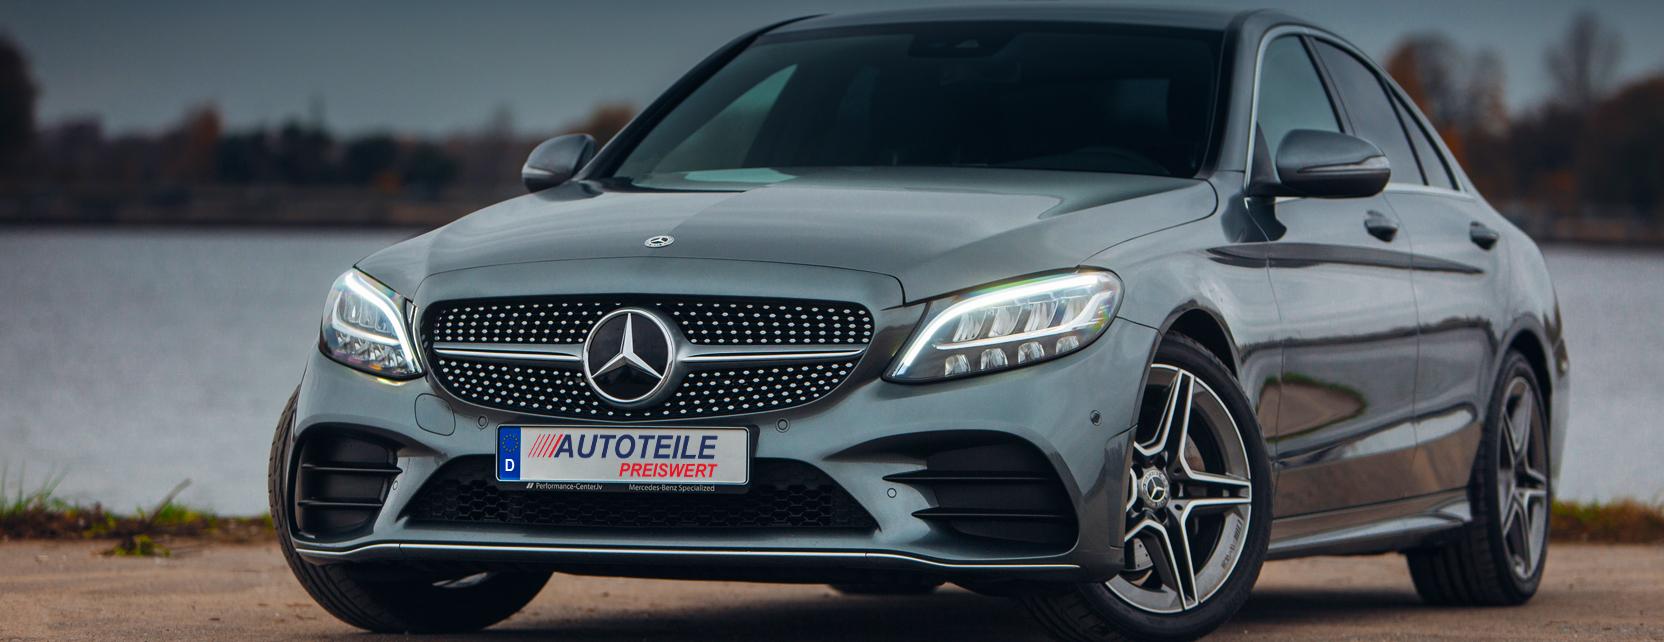 Mercedes Benz Ersatzteile online kaufen bei Autoteile Preiswert